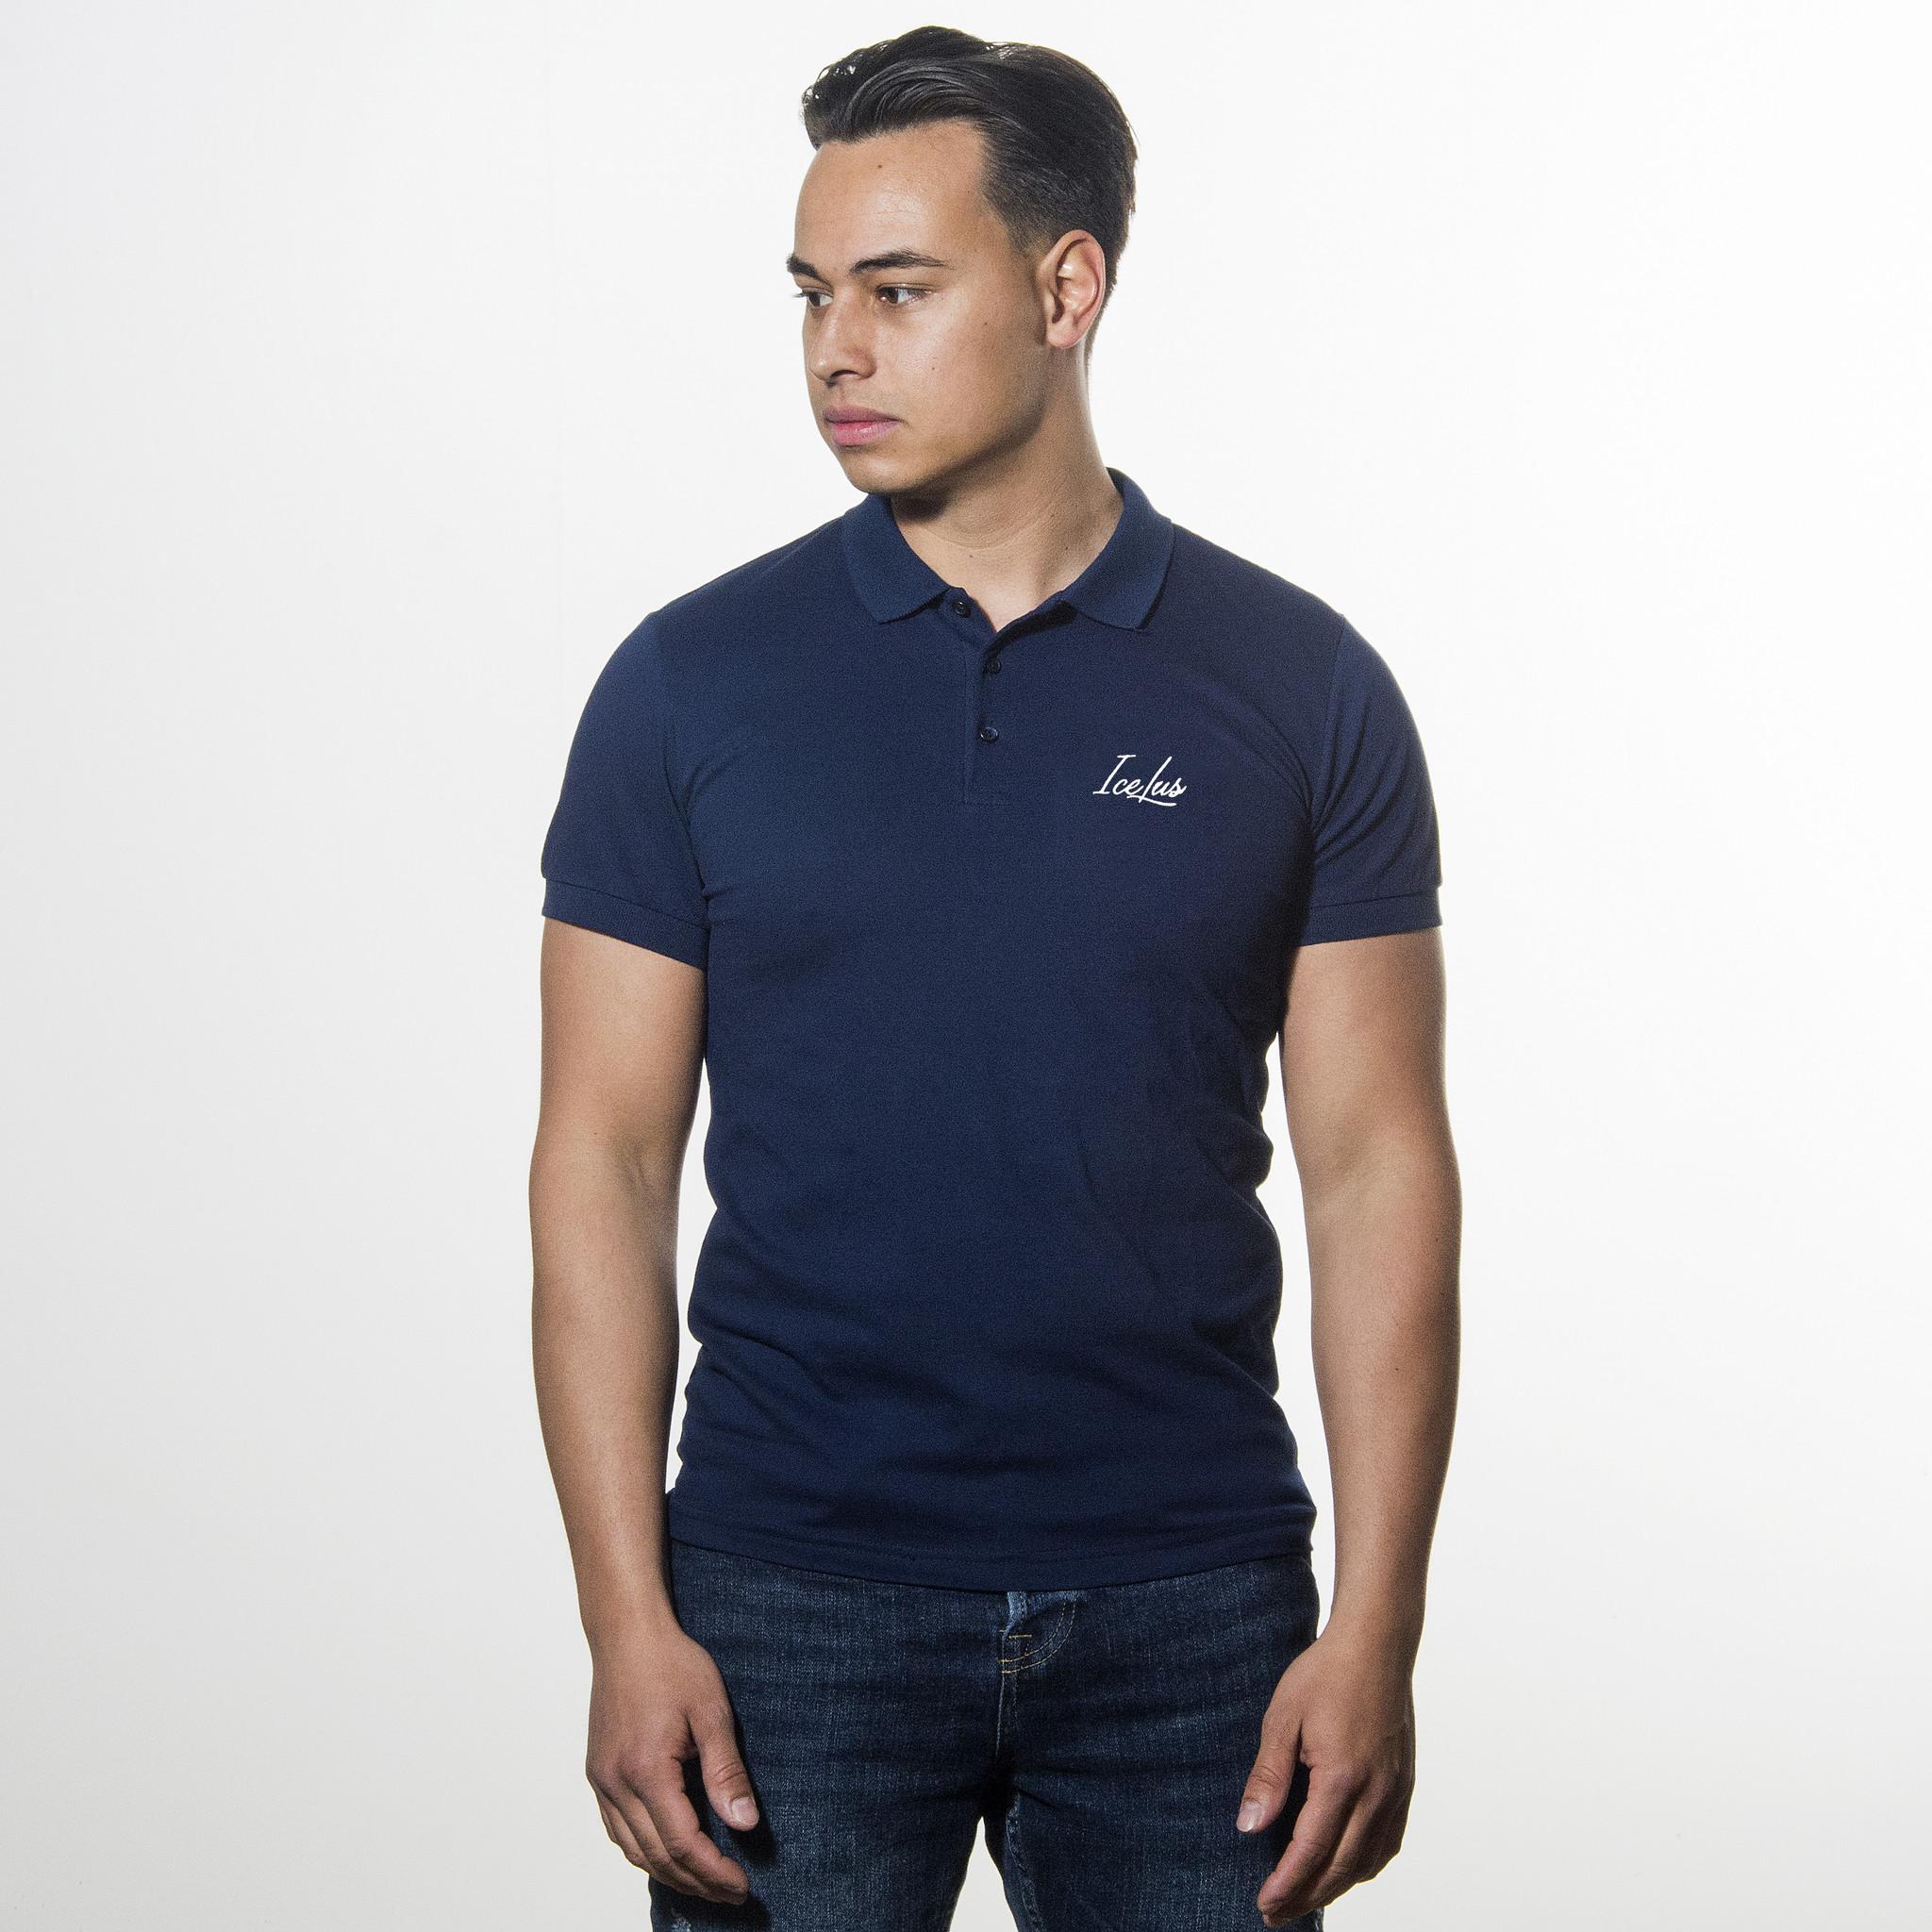 Icelus Clothing Icelus Polo T-shirt Blue